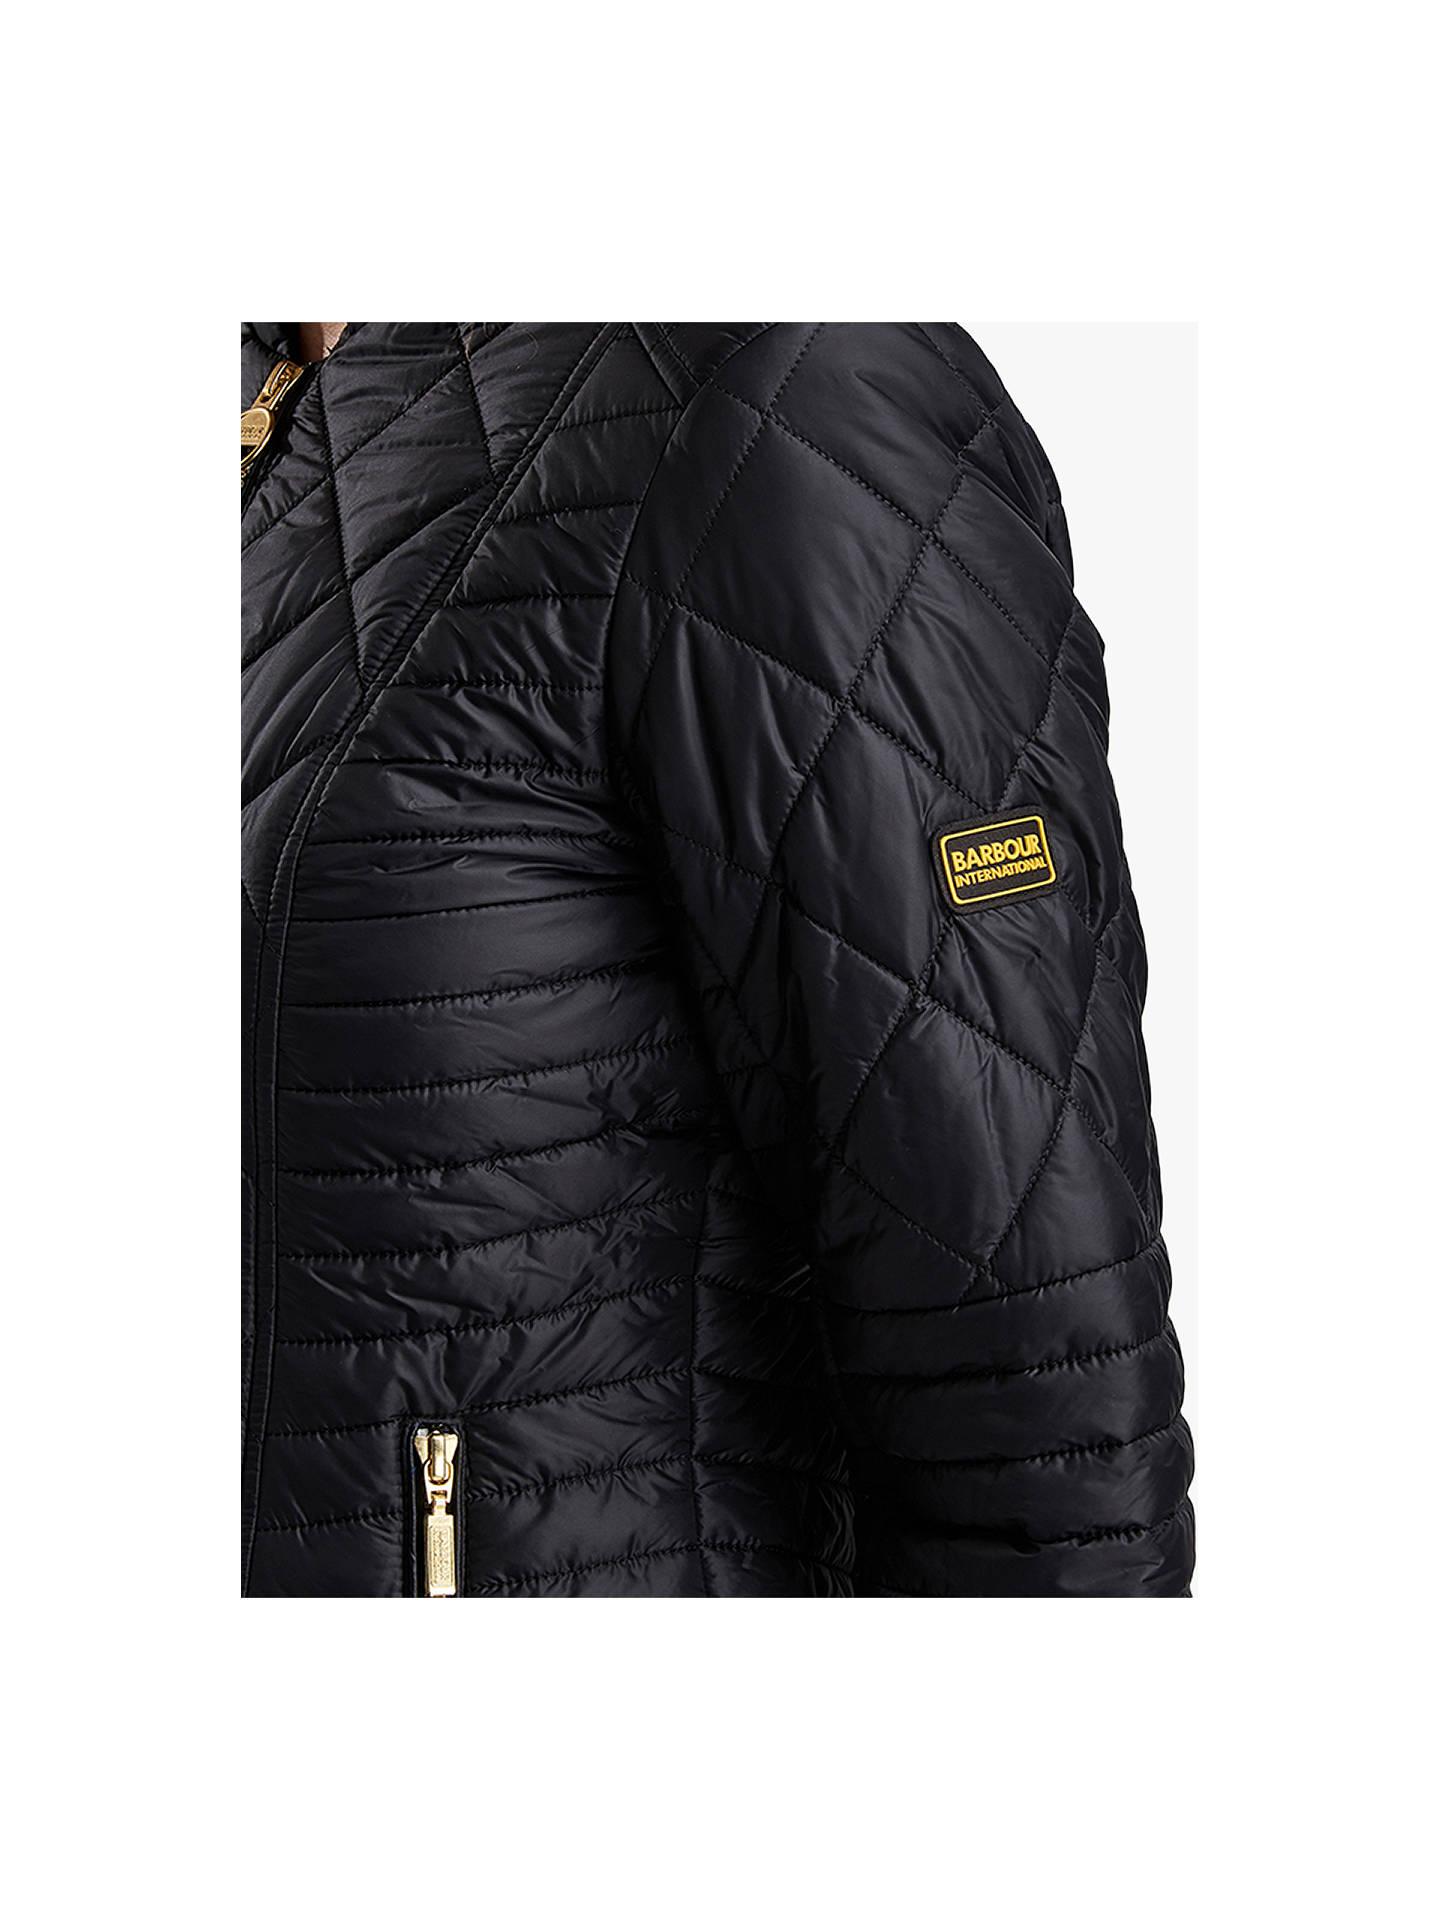 d0f8989efb39 ... Buy Barbour International Sprinter Quilted Jacket